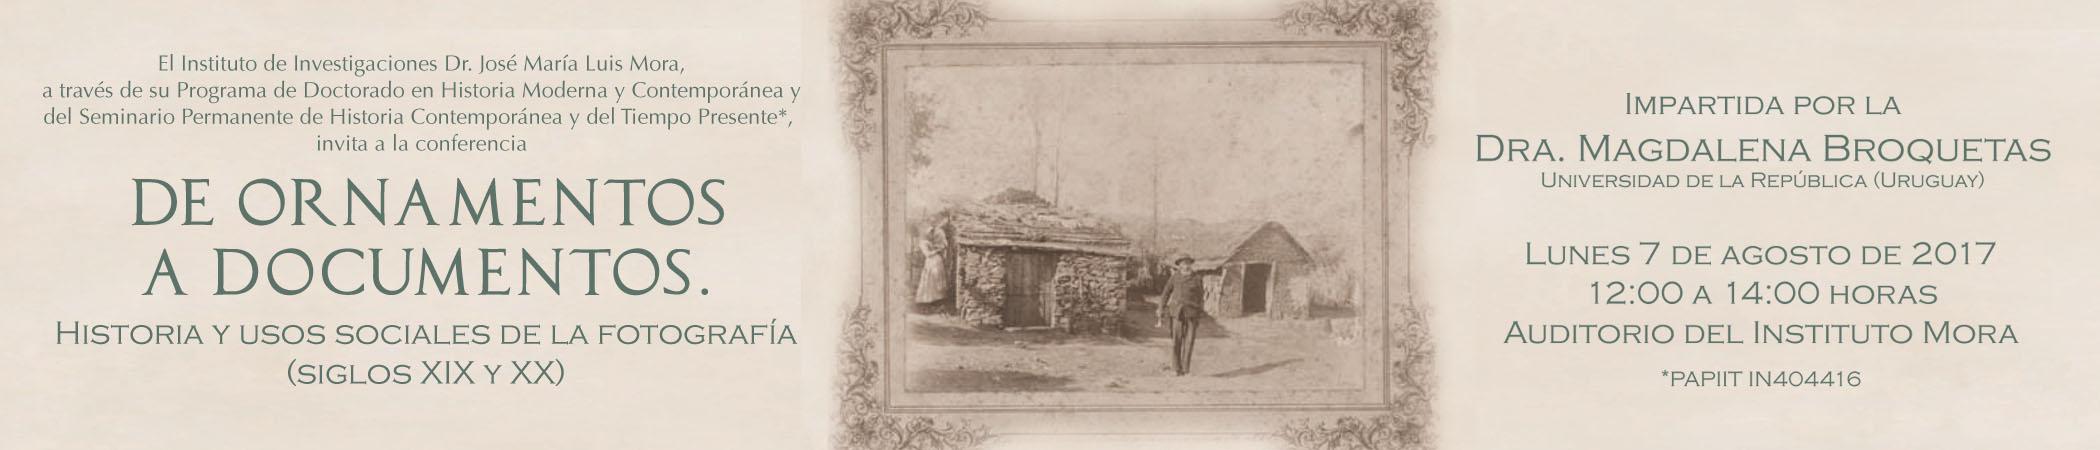 Conferencia De ornamentos a documentos. Historia y usos sociales de la fotografía (siglos XIX y XX)